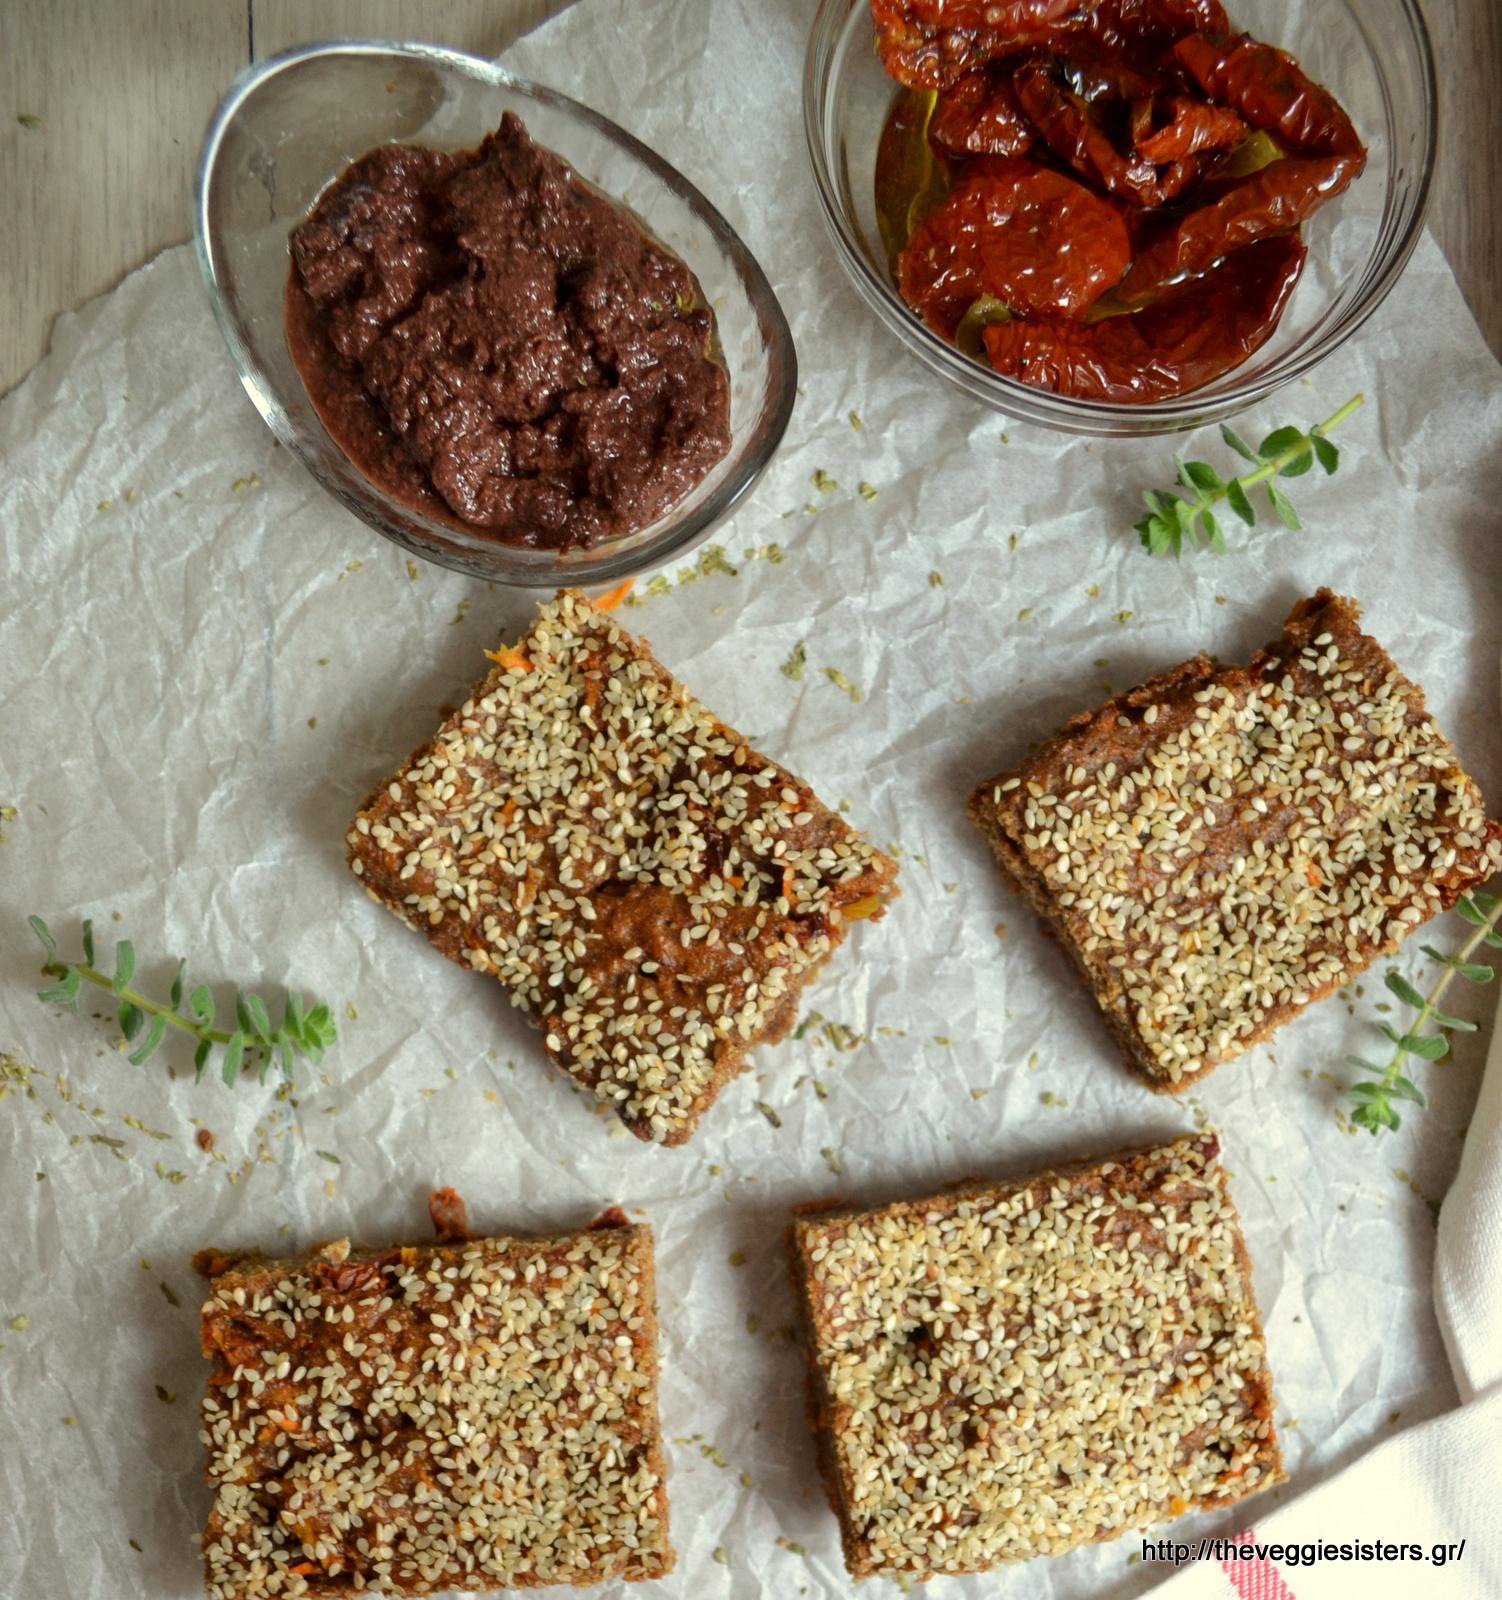 Μεσογειακή πίτα με λιαστή ντομάτα κ πάστα ελιάς